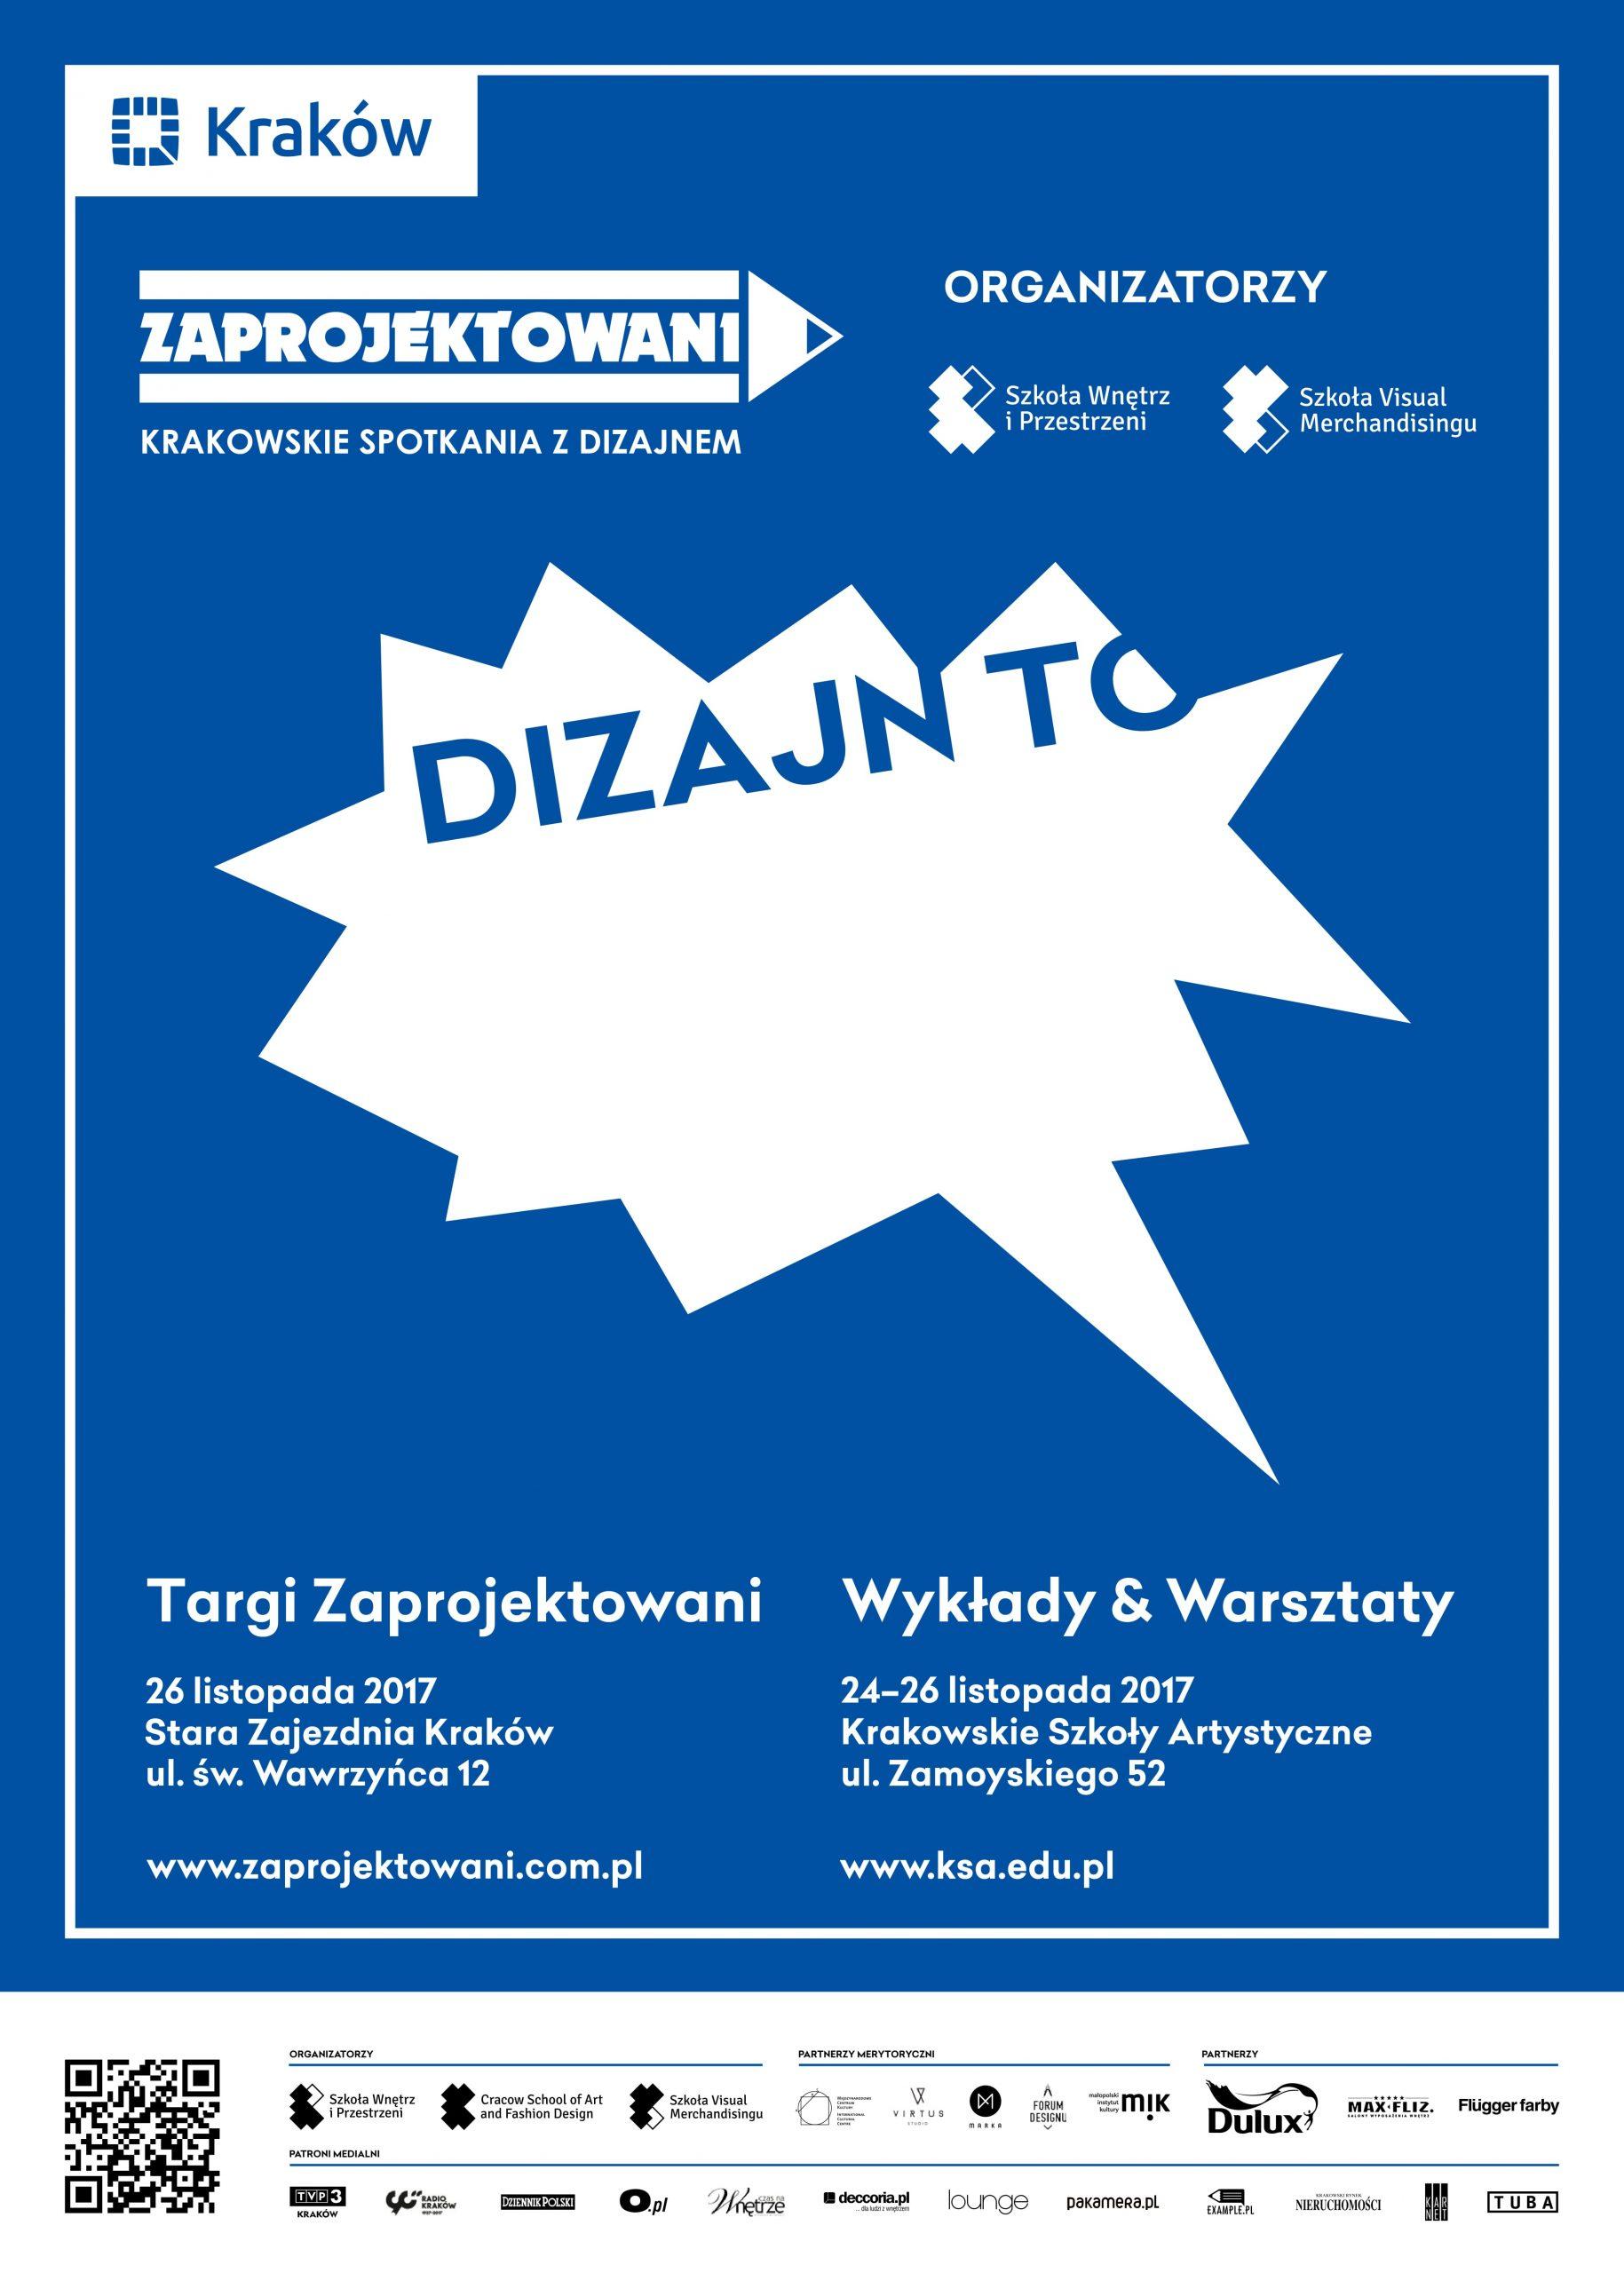 Plakat Zaprojektowanych – Krakowskich Spotkaniach z Dizajnem (źródło: materiały prasowe organizatora)